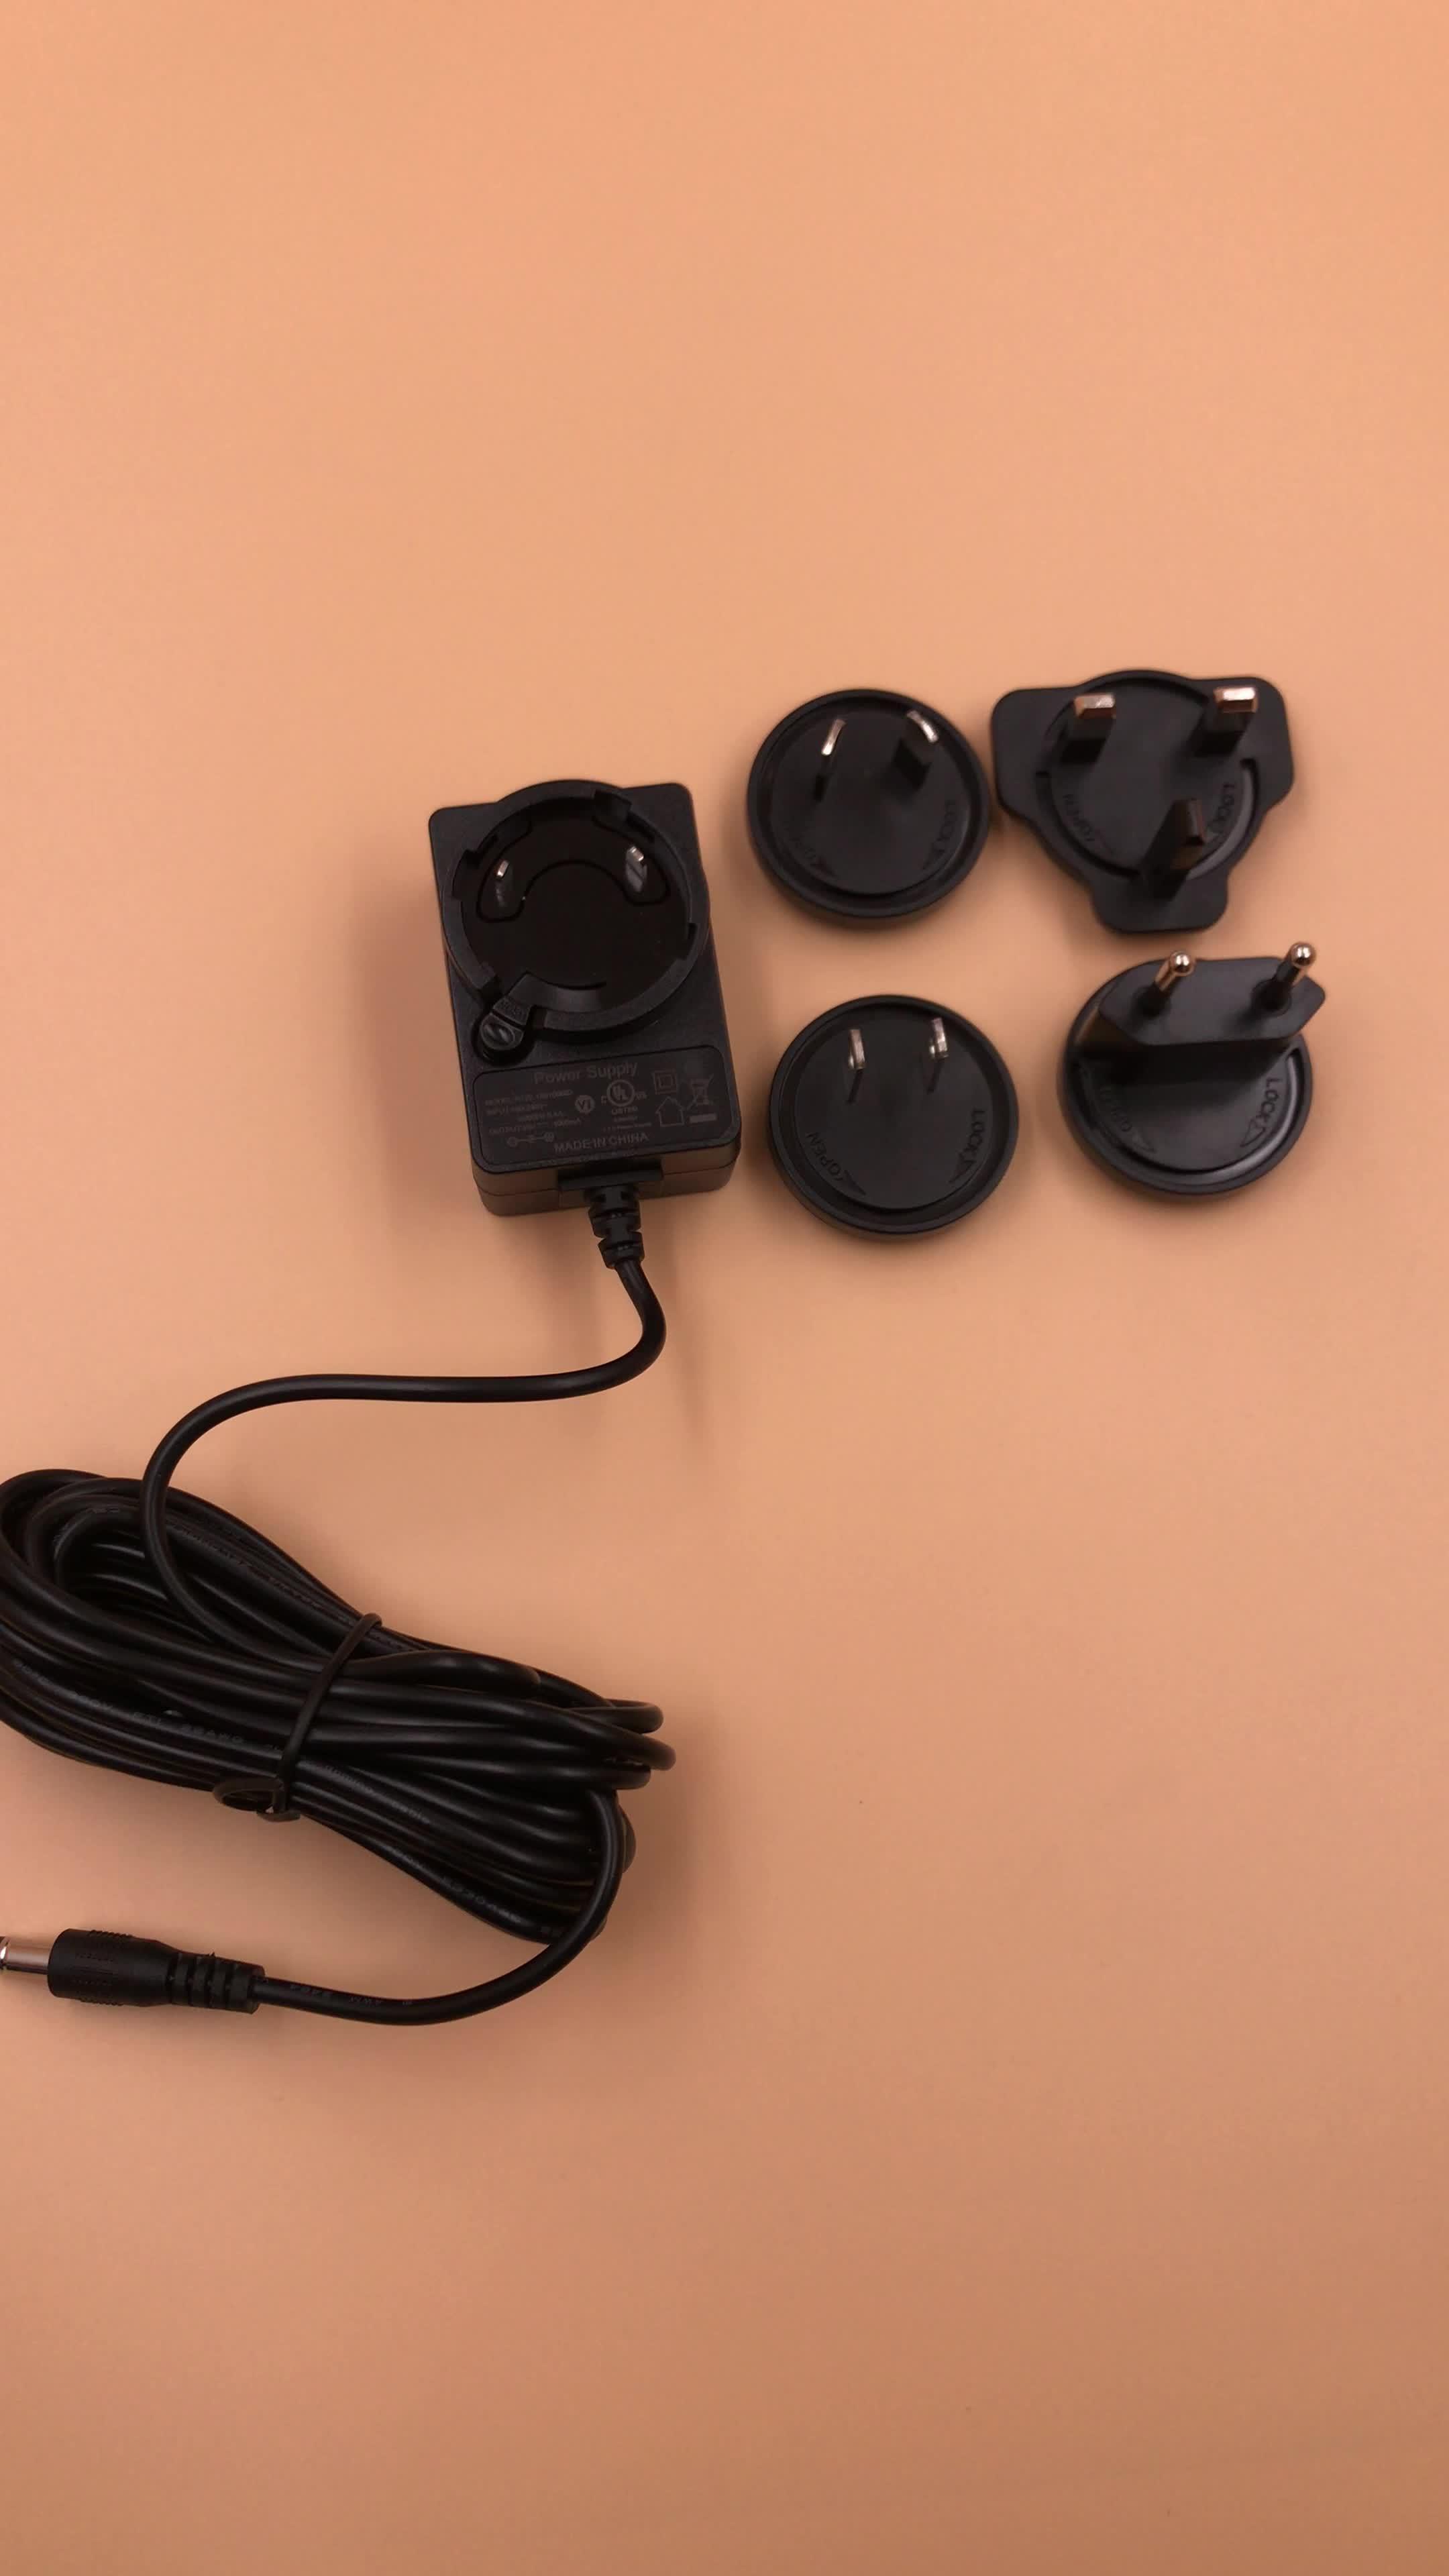 12 V 2A Destacável Adaptador de Alimentação para LED strip CCTV Camera DVR Portátil Rádio Do Motor Pé de Volta Do Pescoço e Ombro Massager unidade de disco Rígido